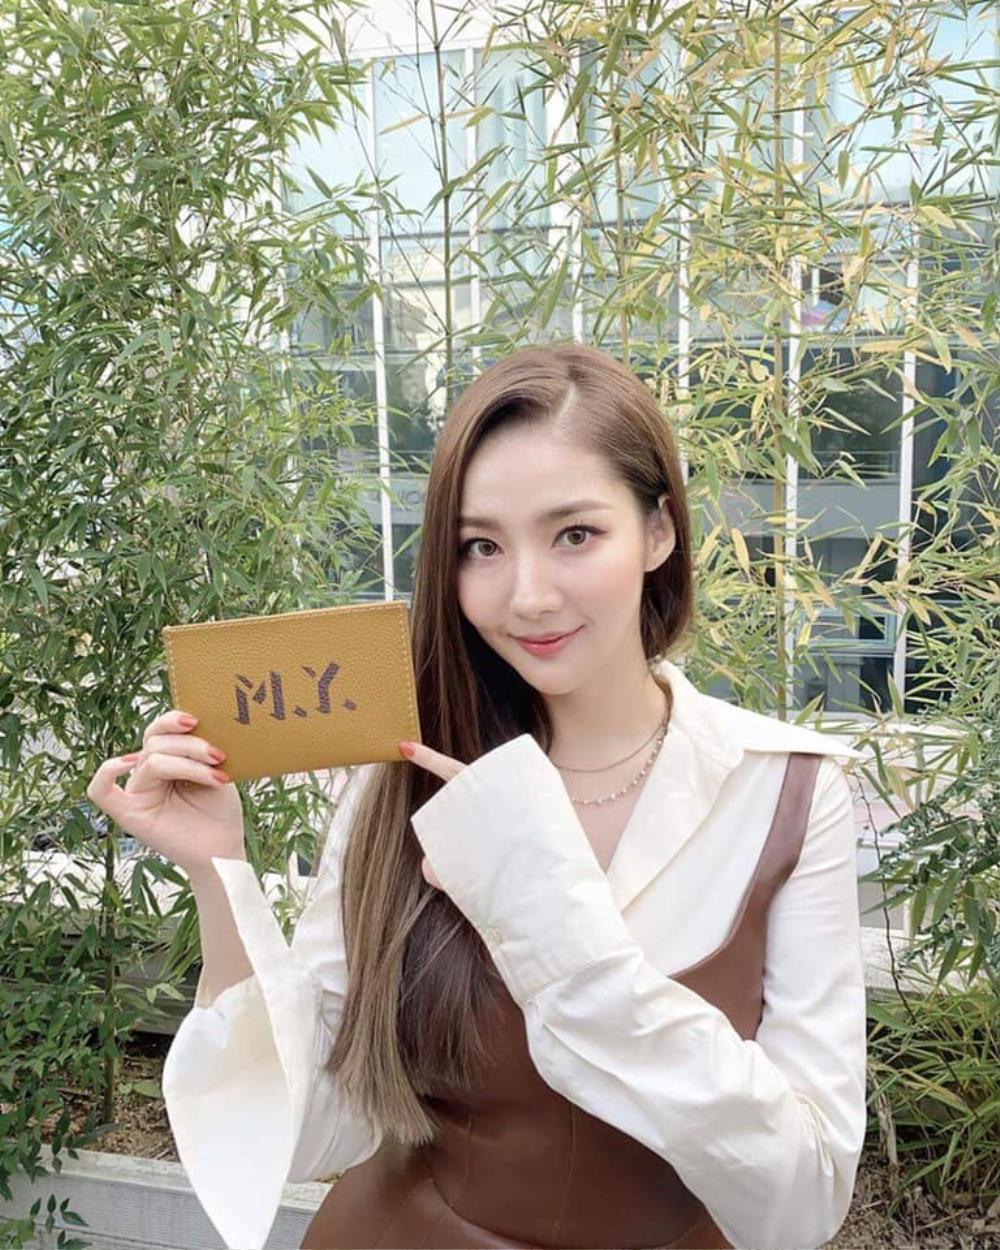 Sau khi bị chê gương mặt khác lạ khó nhận ra Park Min Young tái xuất xinh đẹp khiến ai cũng sững sờ Ảnh 7